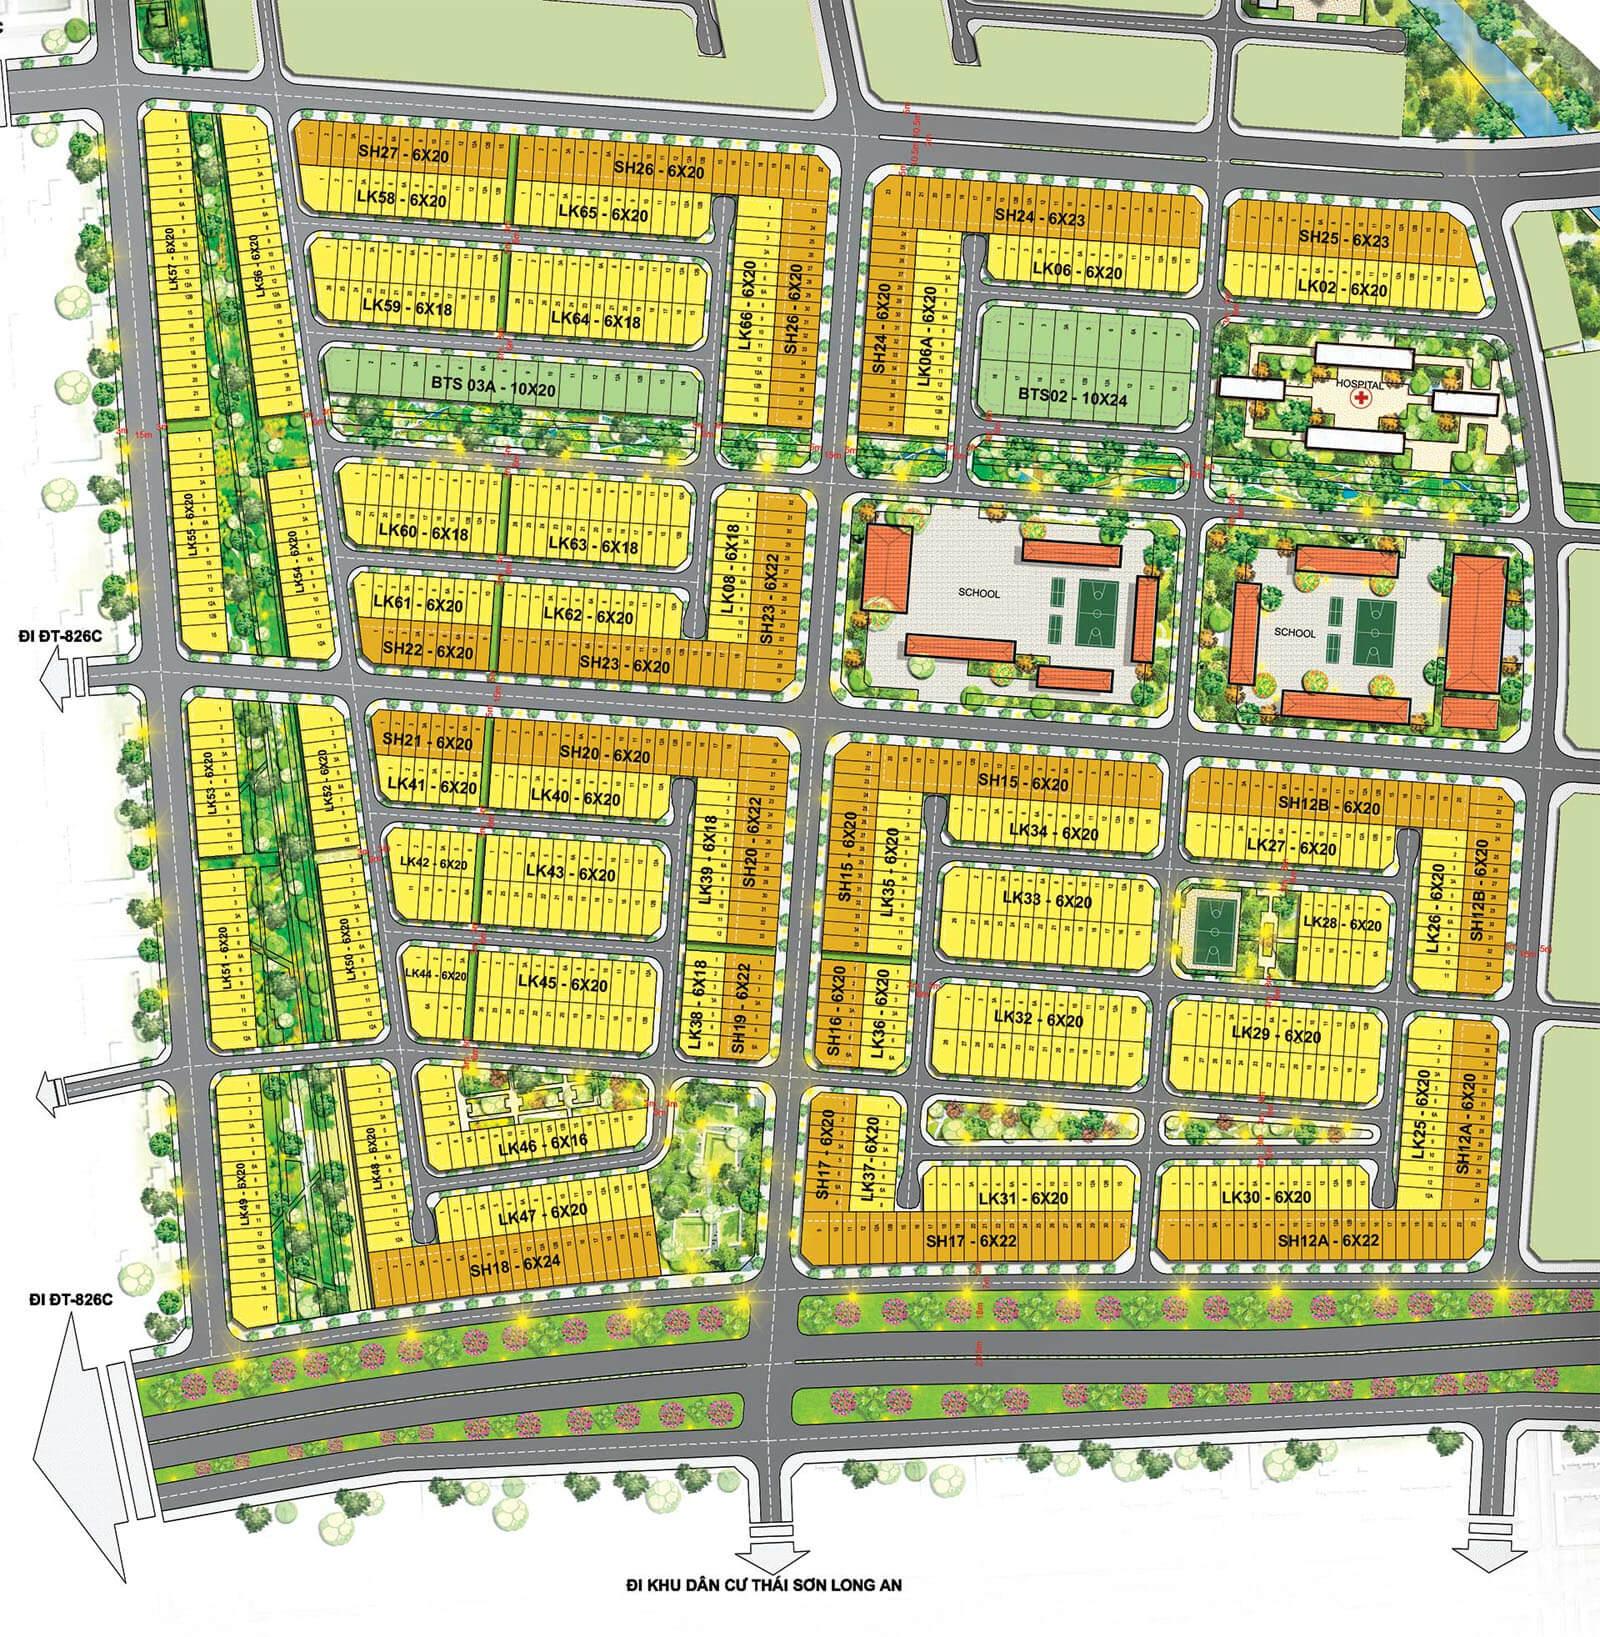 Bản đồ phân lô dự án T&T Millennia City Long Hậu.